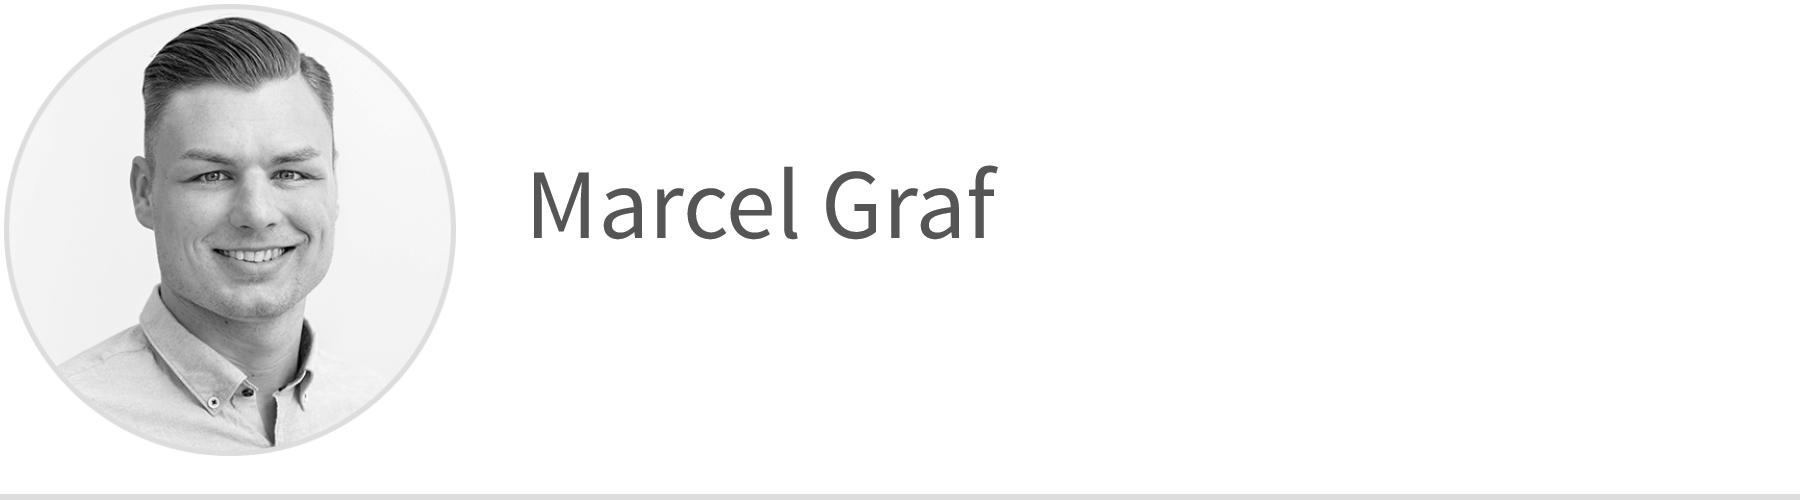 Marcel Graf